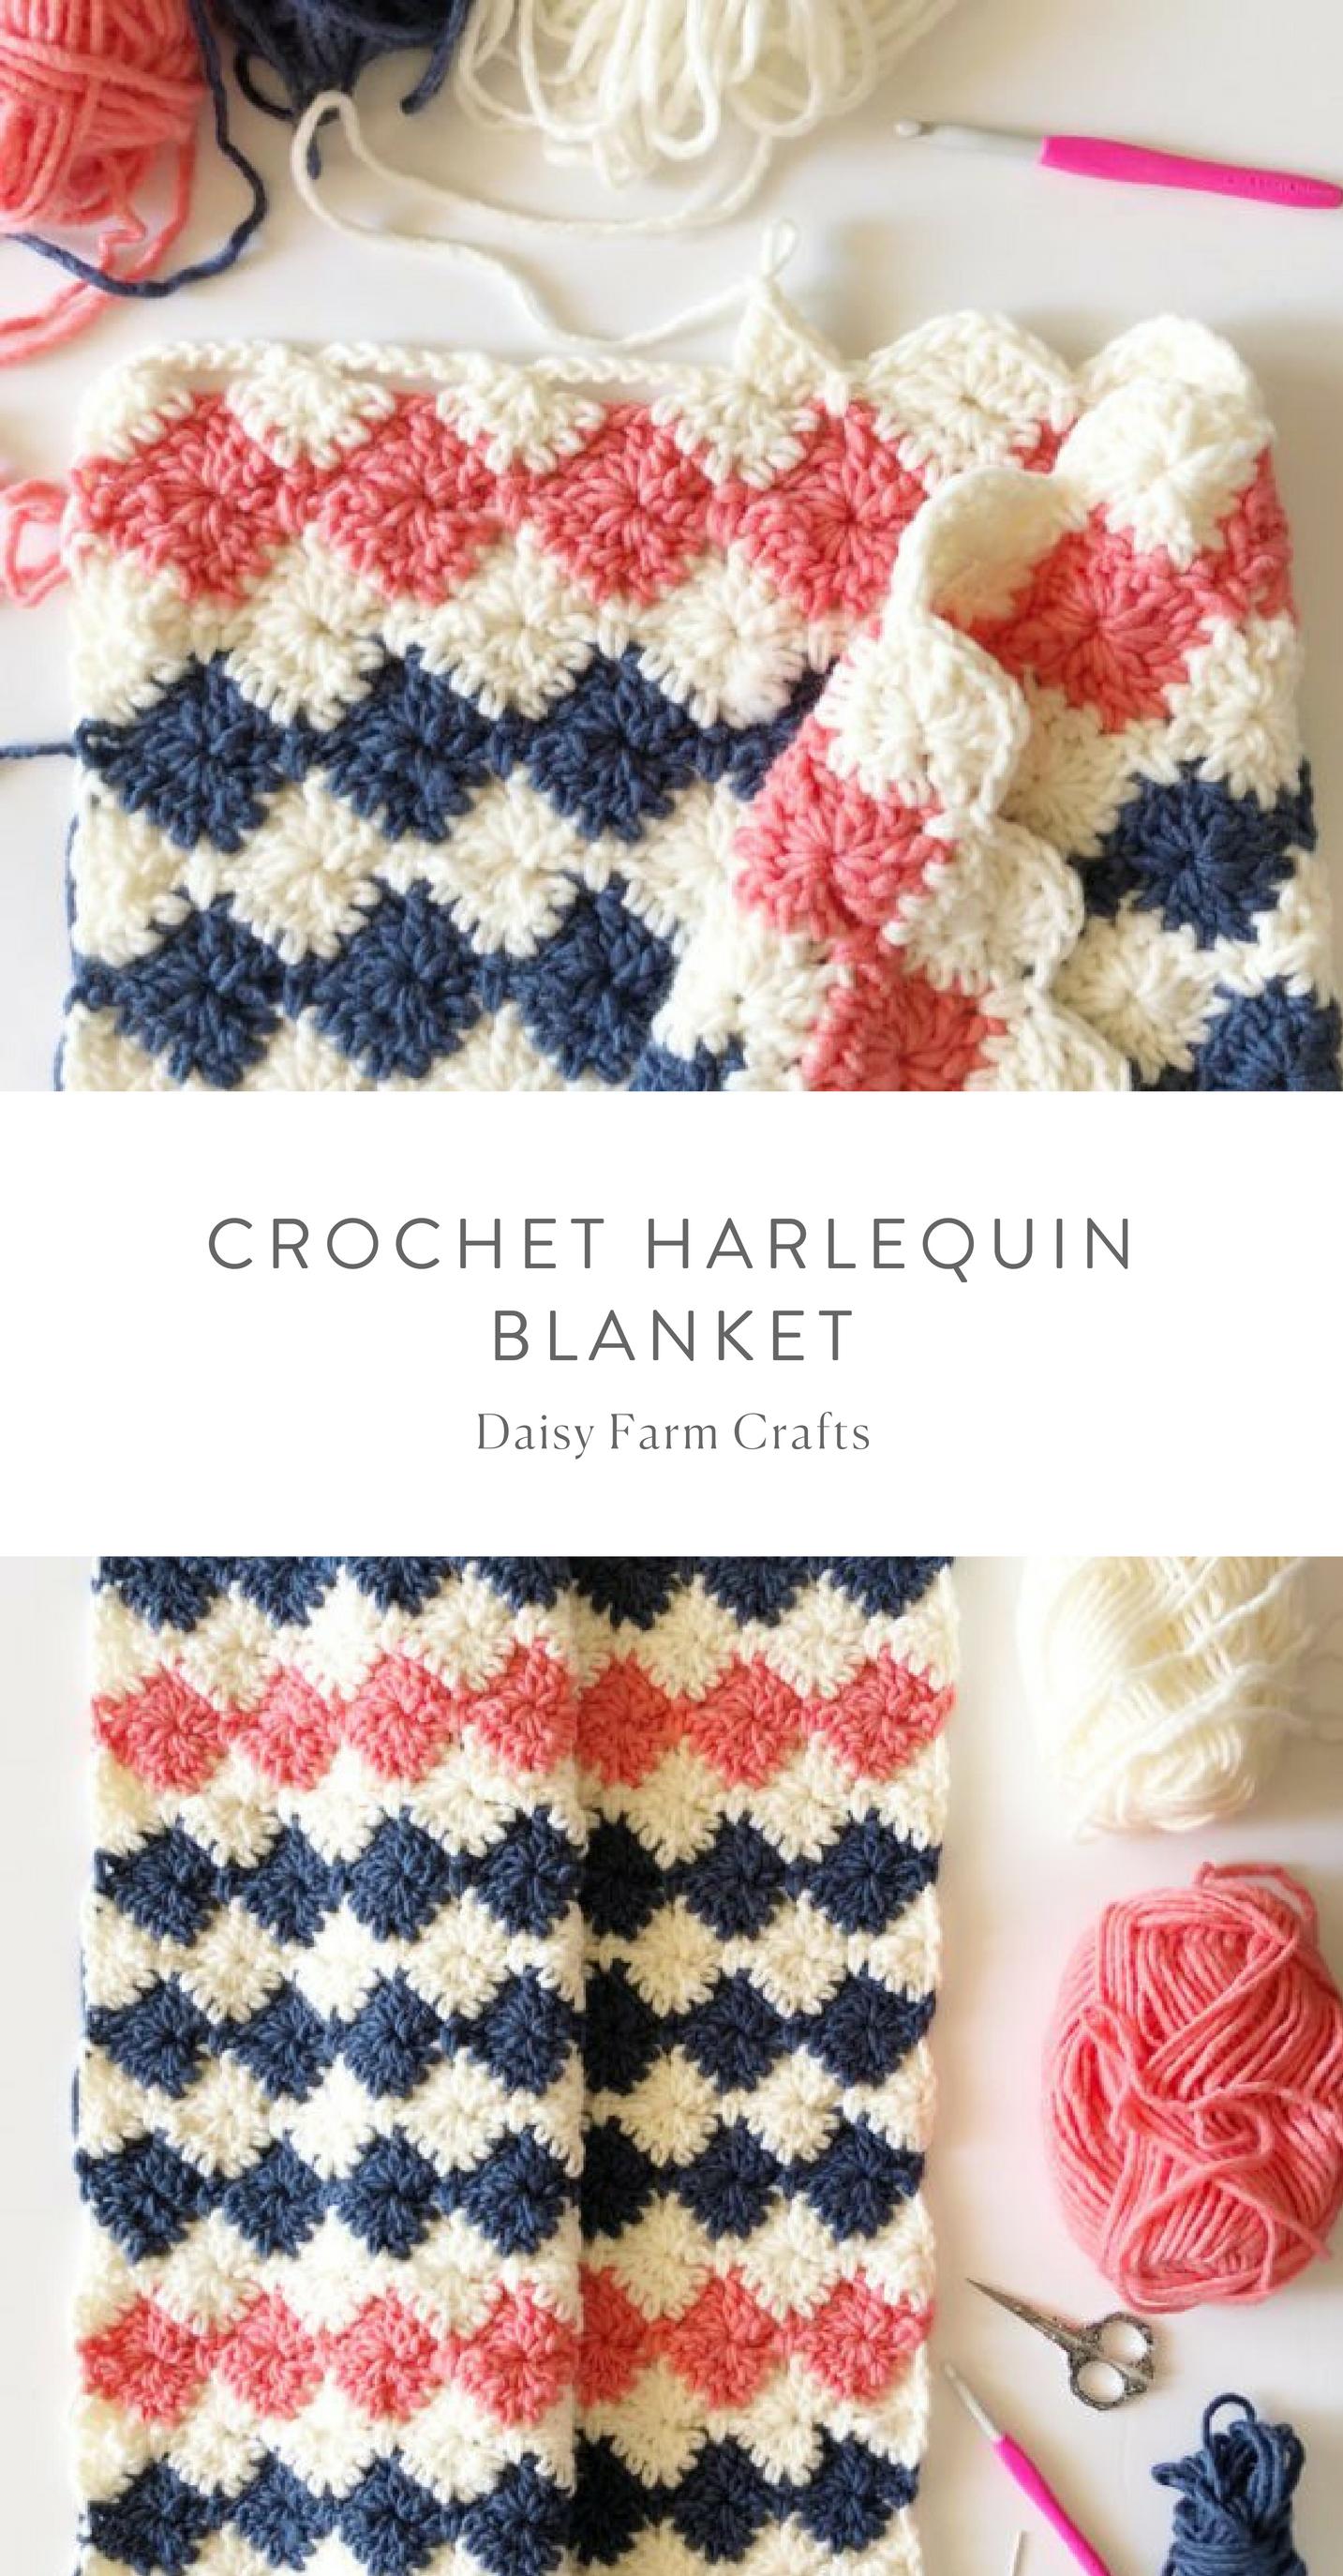 Free Pattern - Crochet Harlequin Blanket #crochet ...